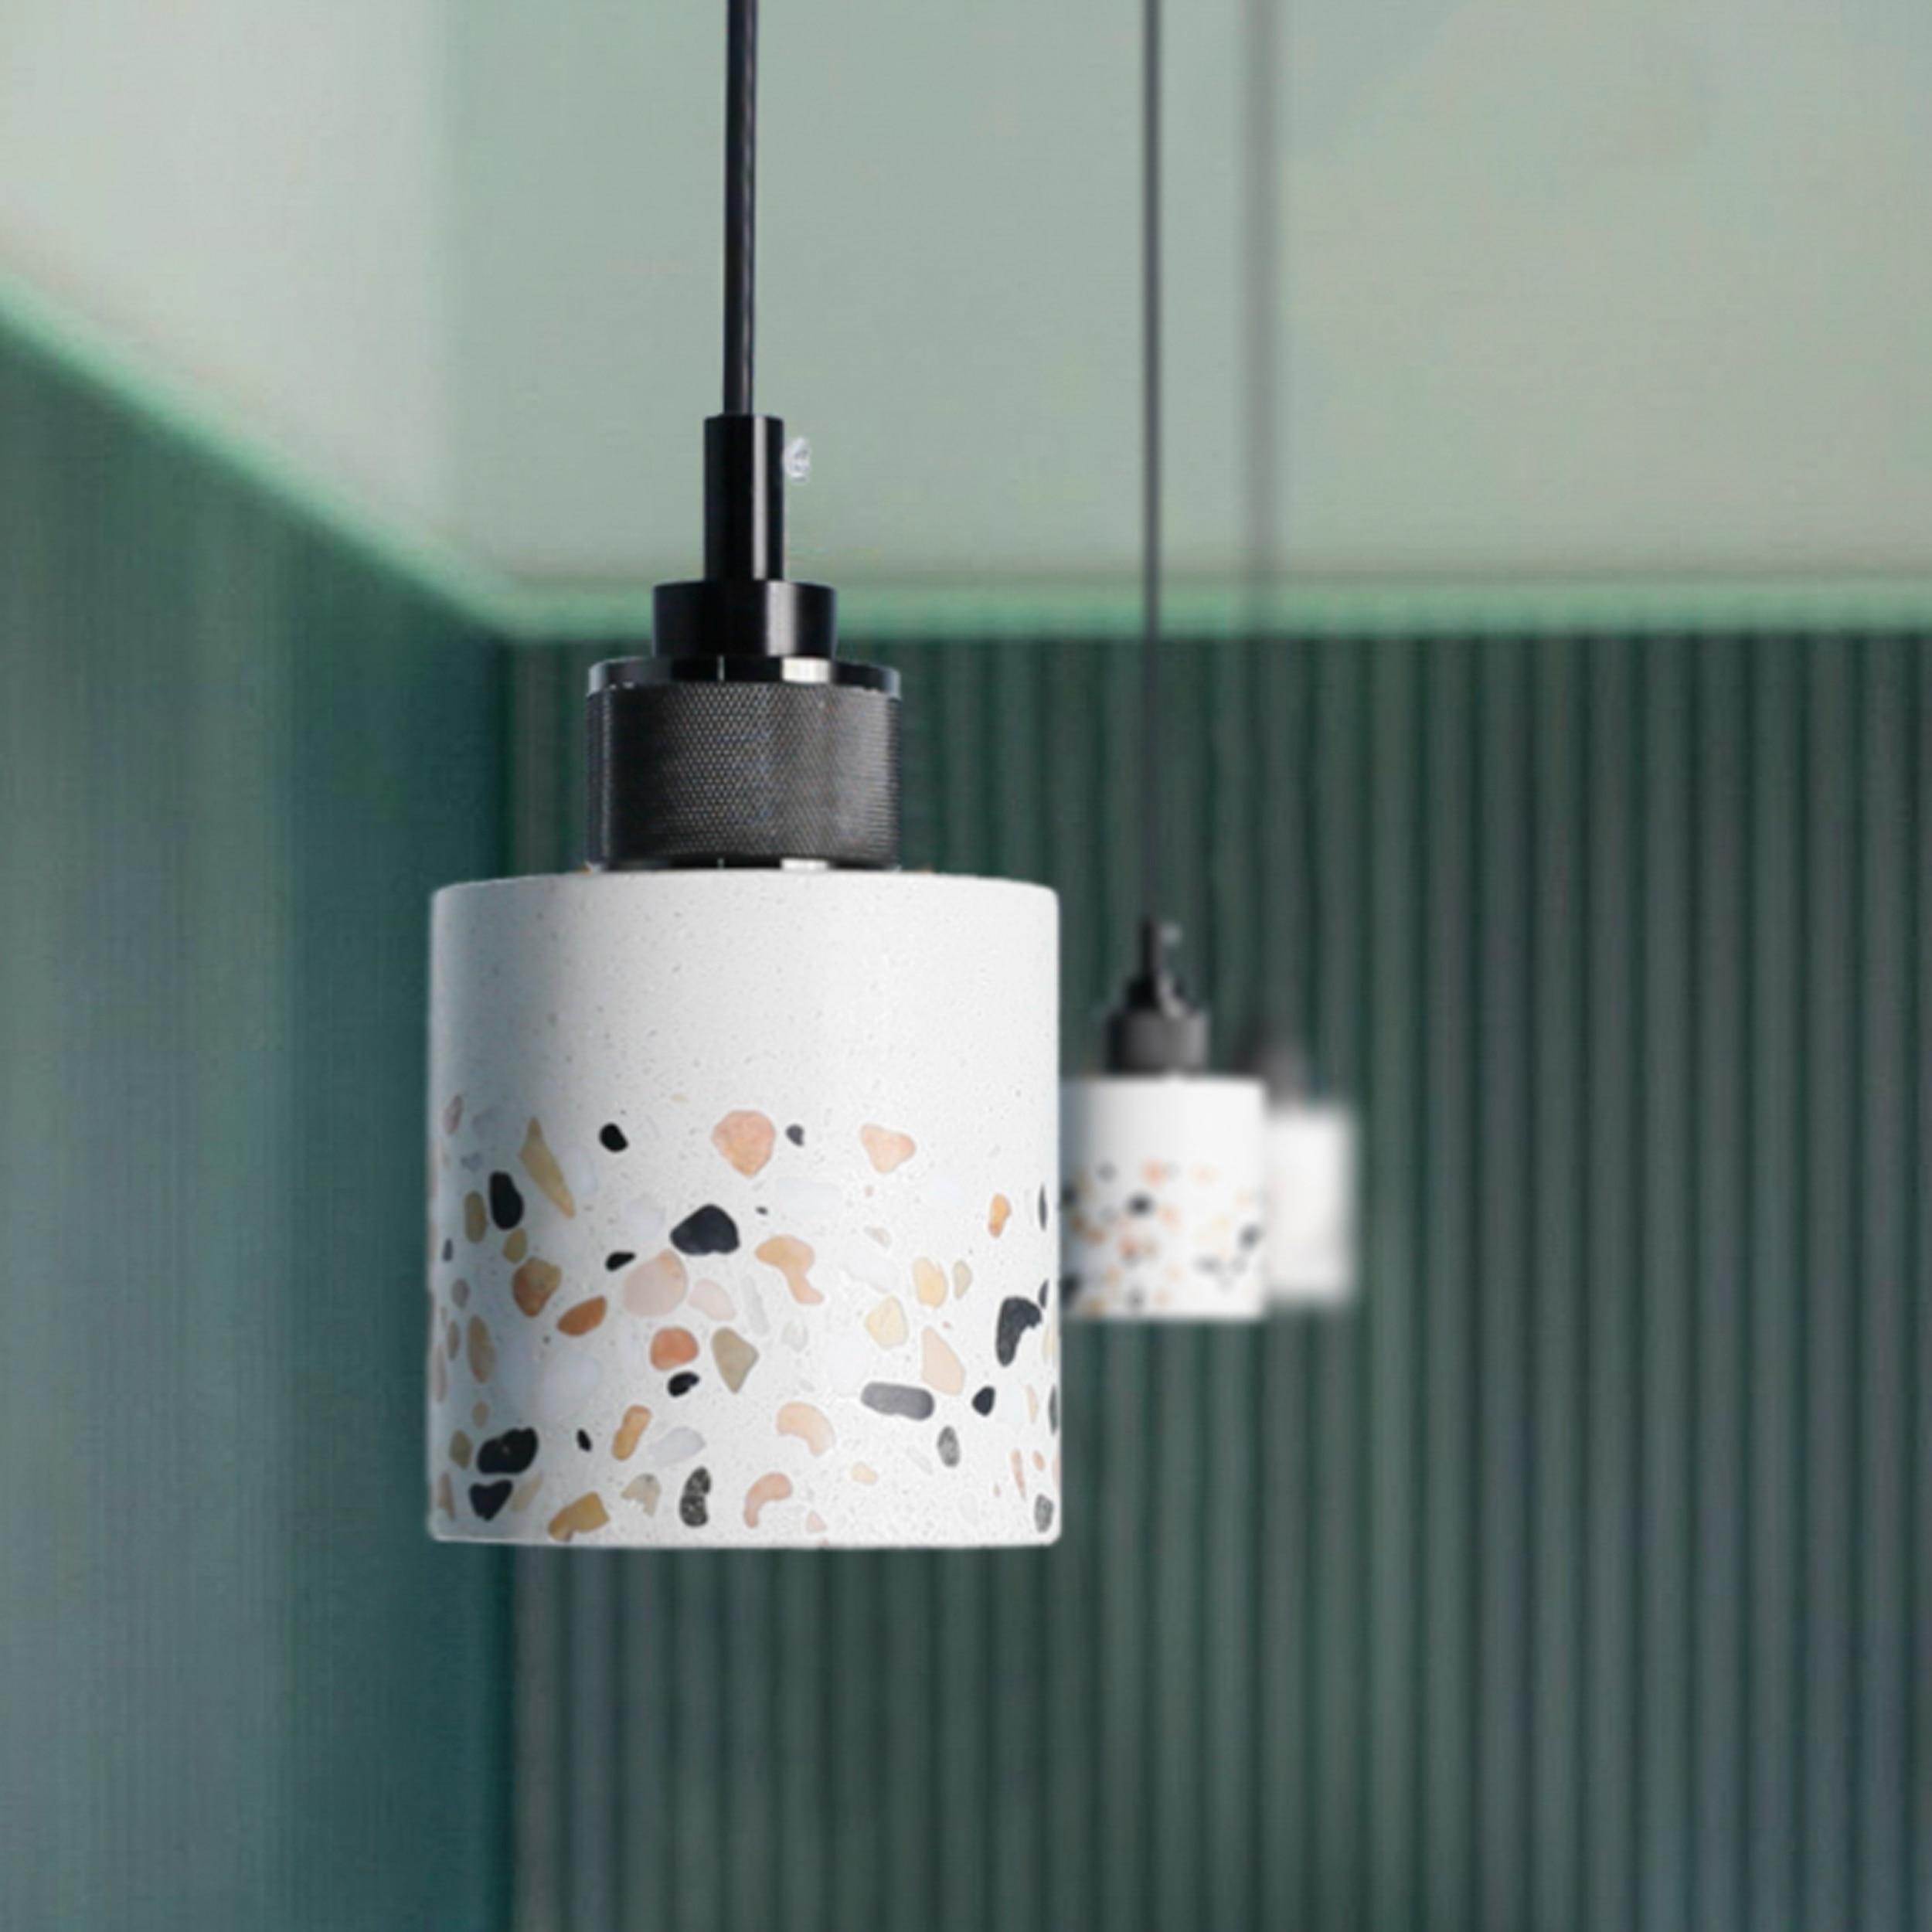 Cristal nordique verre pendentif lumières salon chambre éclairage hanglamp nordique art hôtel G4 lampe pendante cuisine suspension lampe